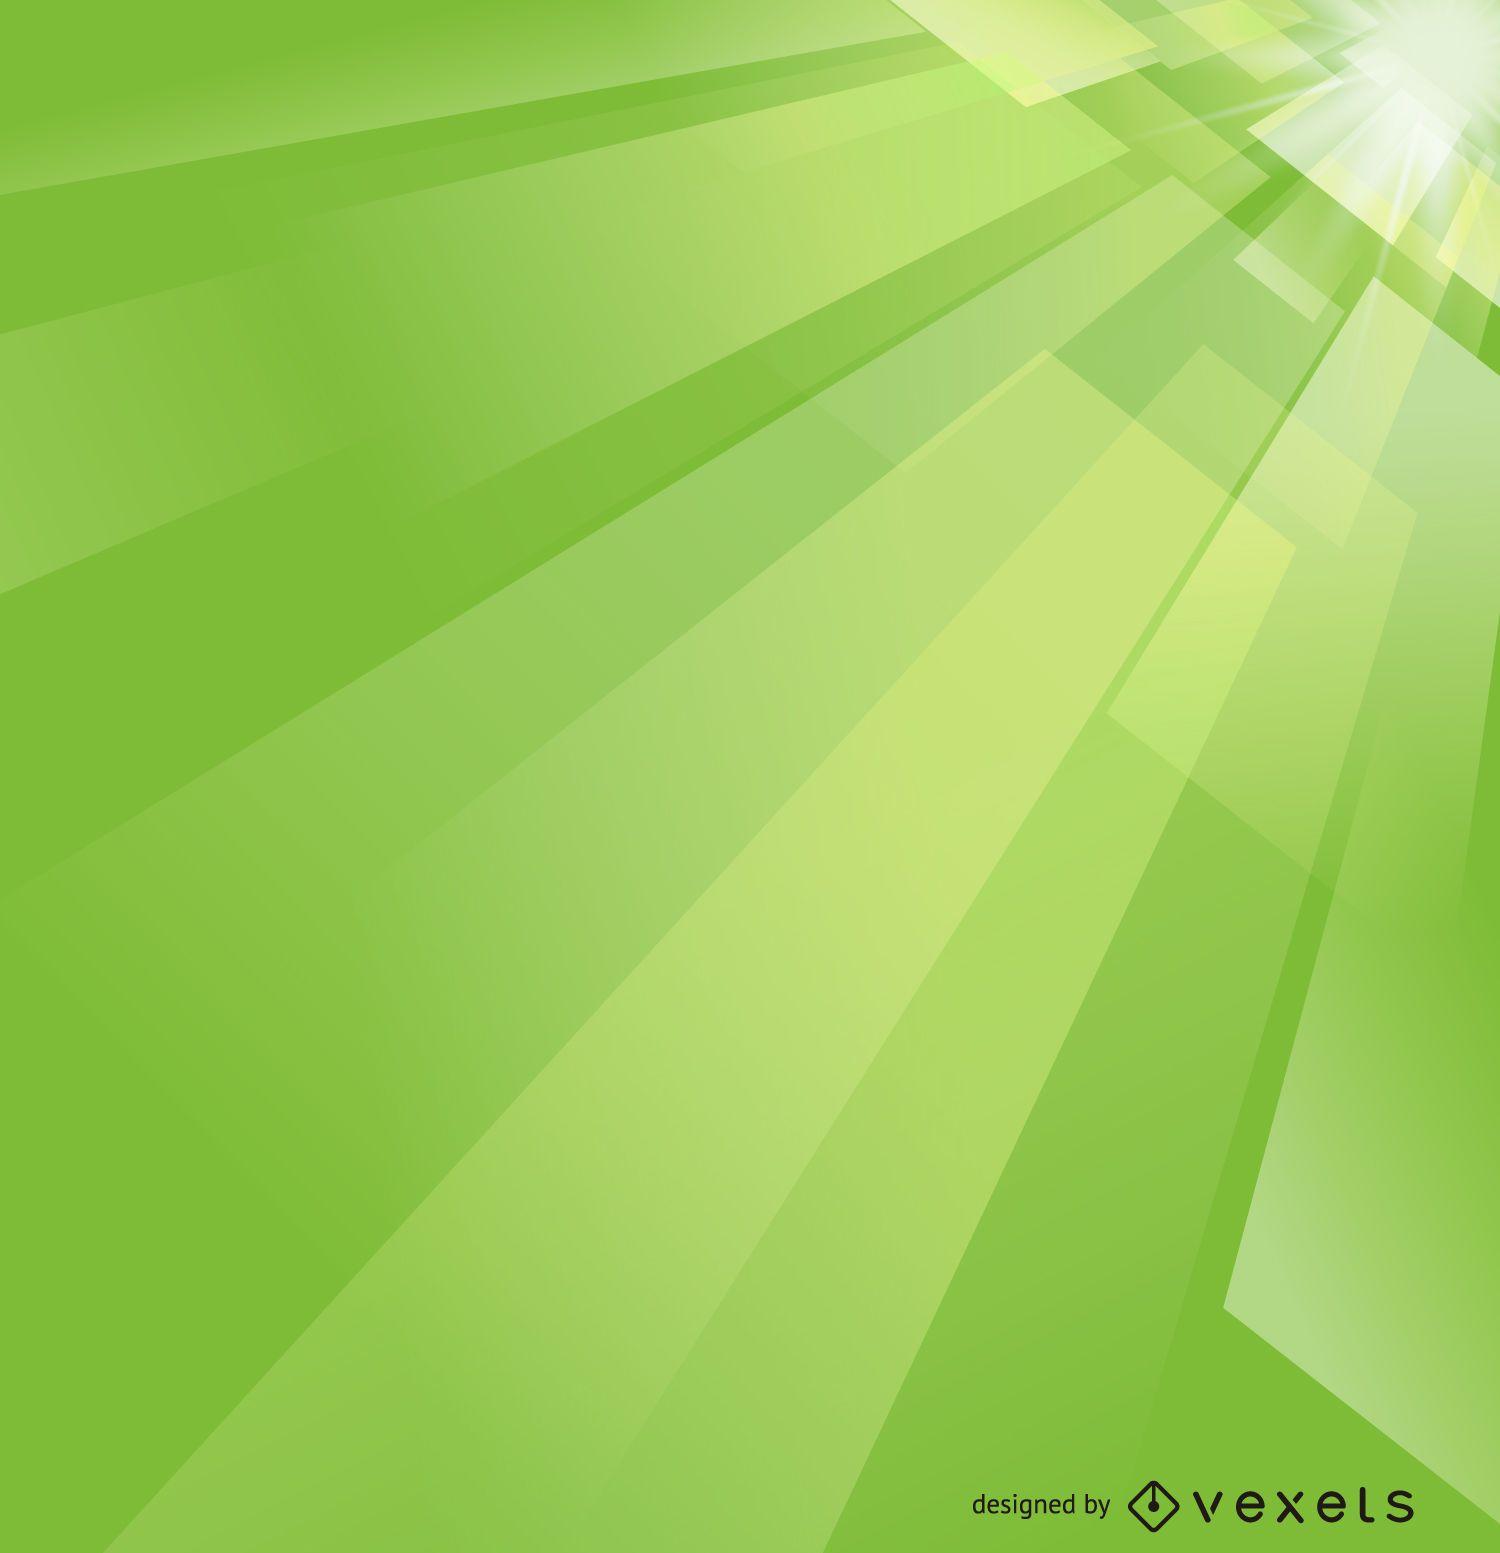 Bright green futuristic background